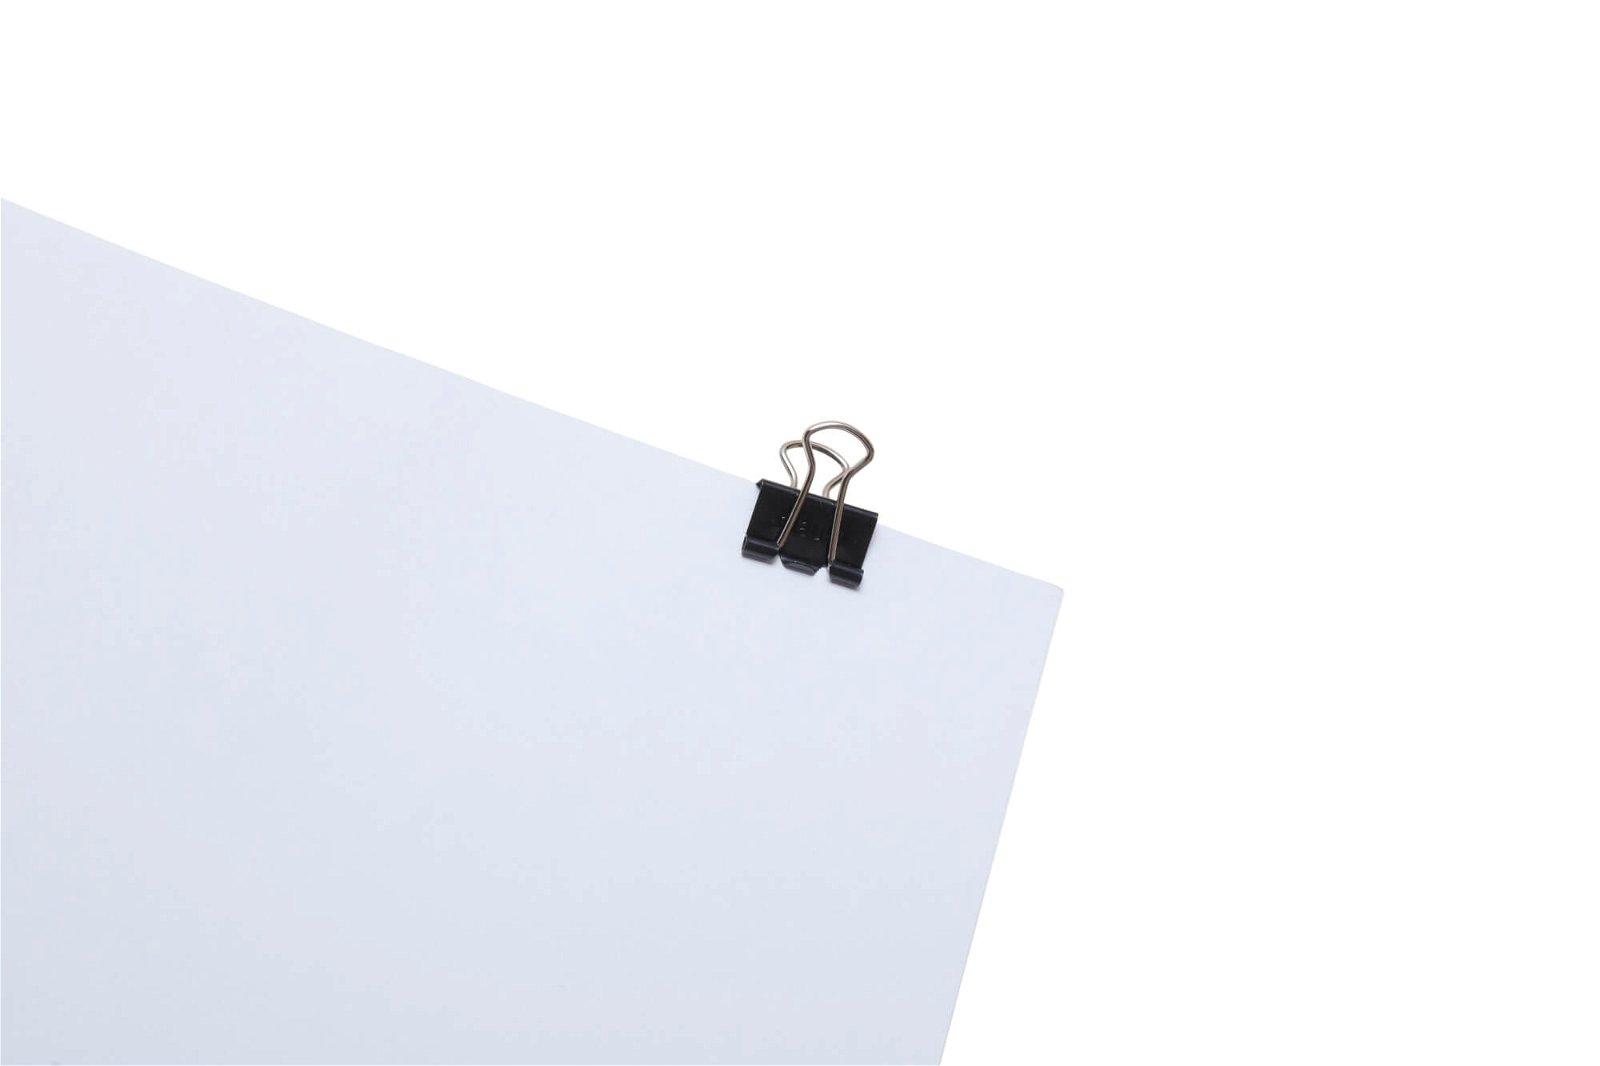 mauly 214, Breite 16 mm, 12 St./Ktn., schwarz